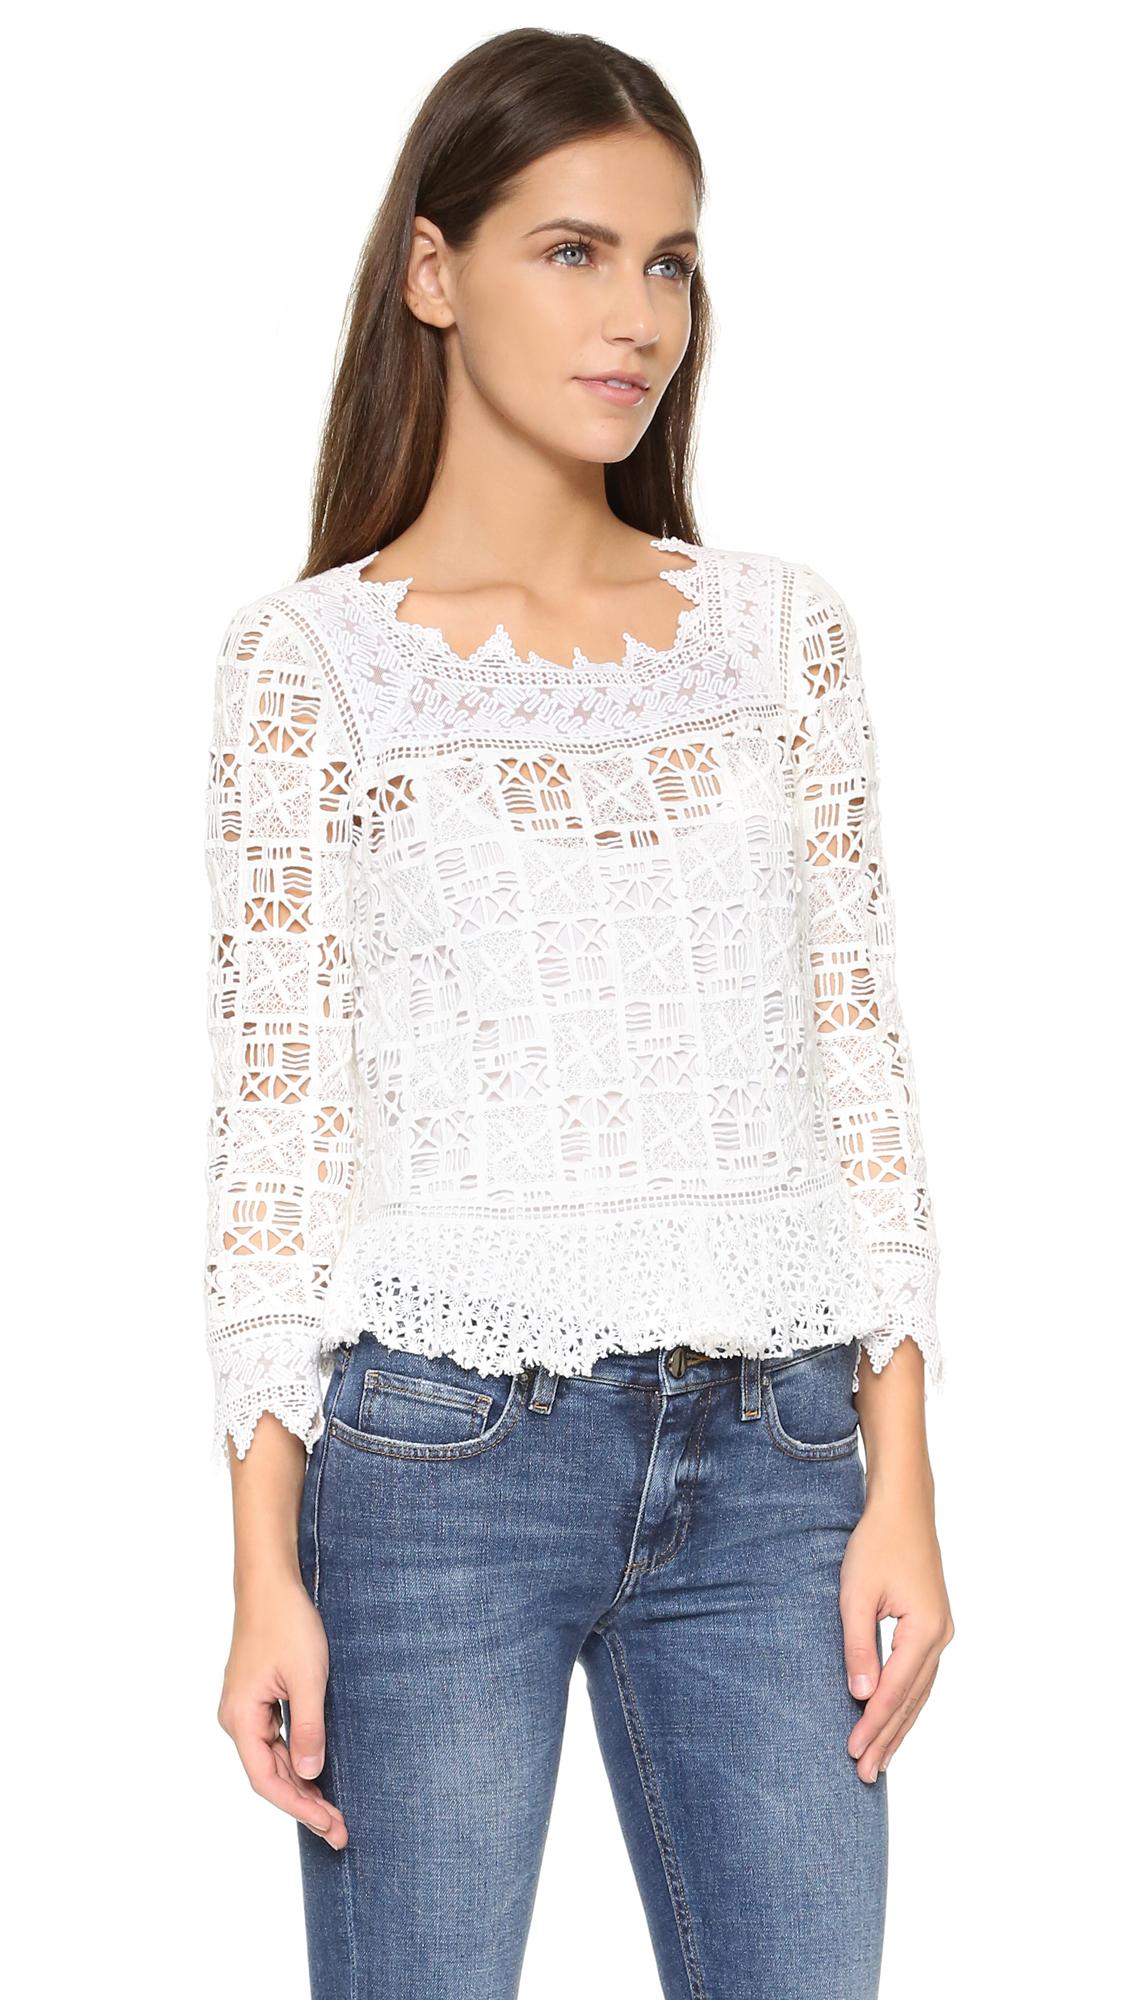 modern summer top tee free crochet pattern |Thread Crochet Top